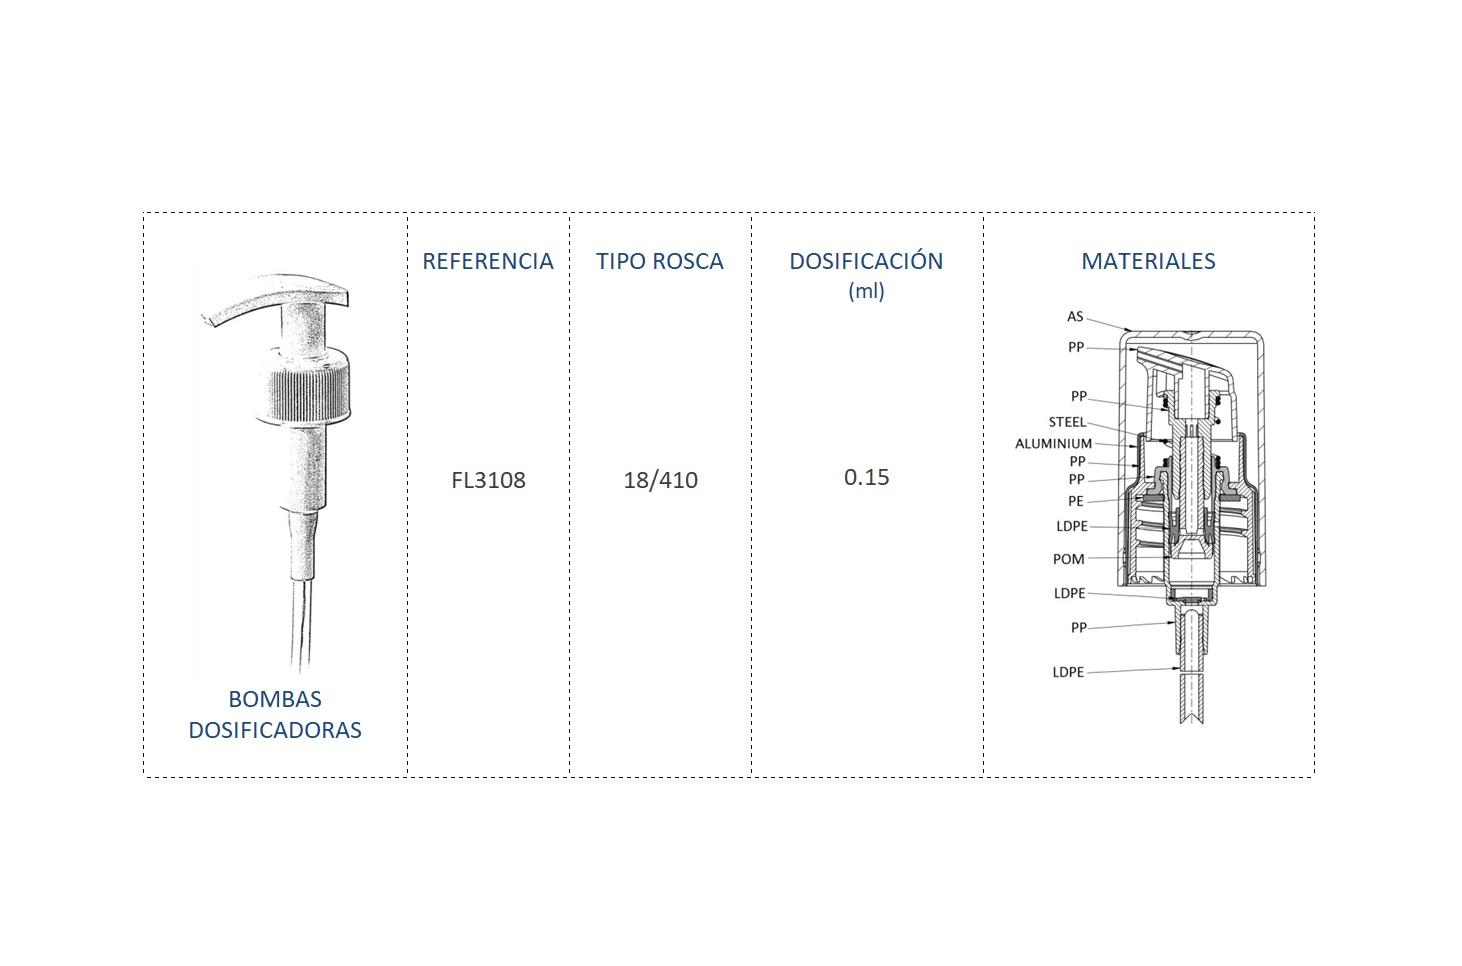 Cuadro materiales bomba dosificadora FL3108 18/410